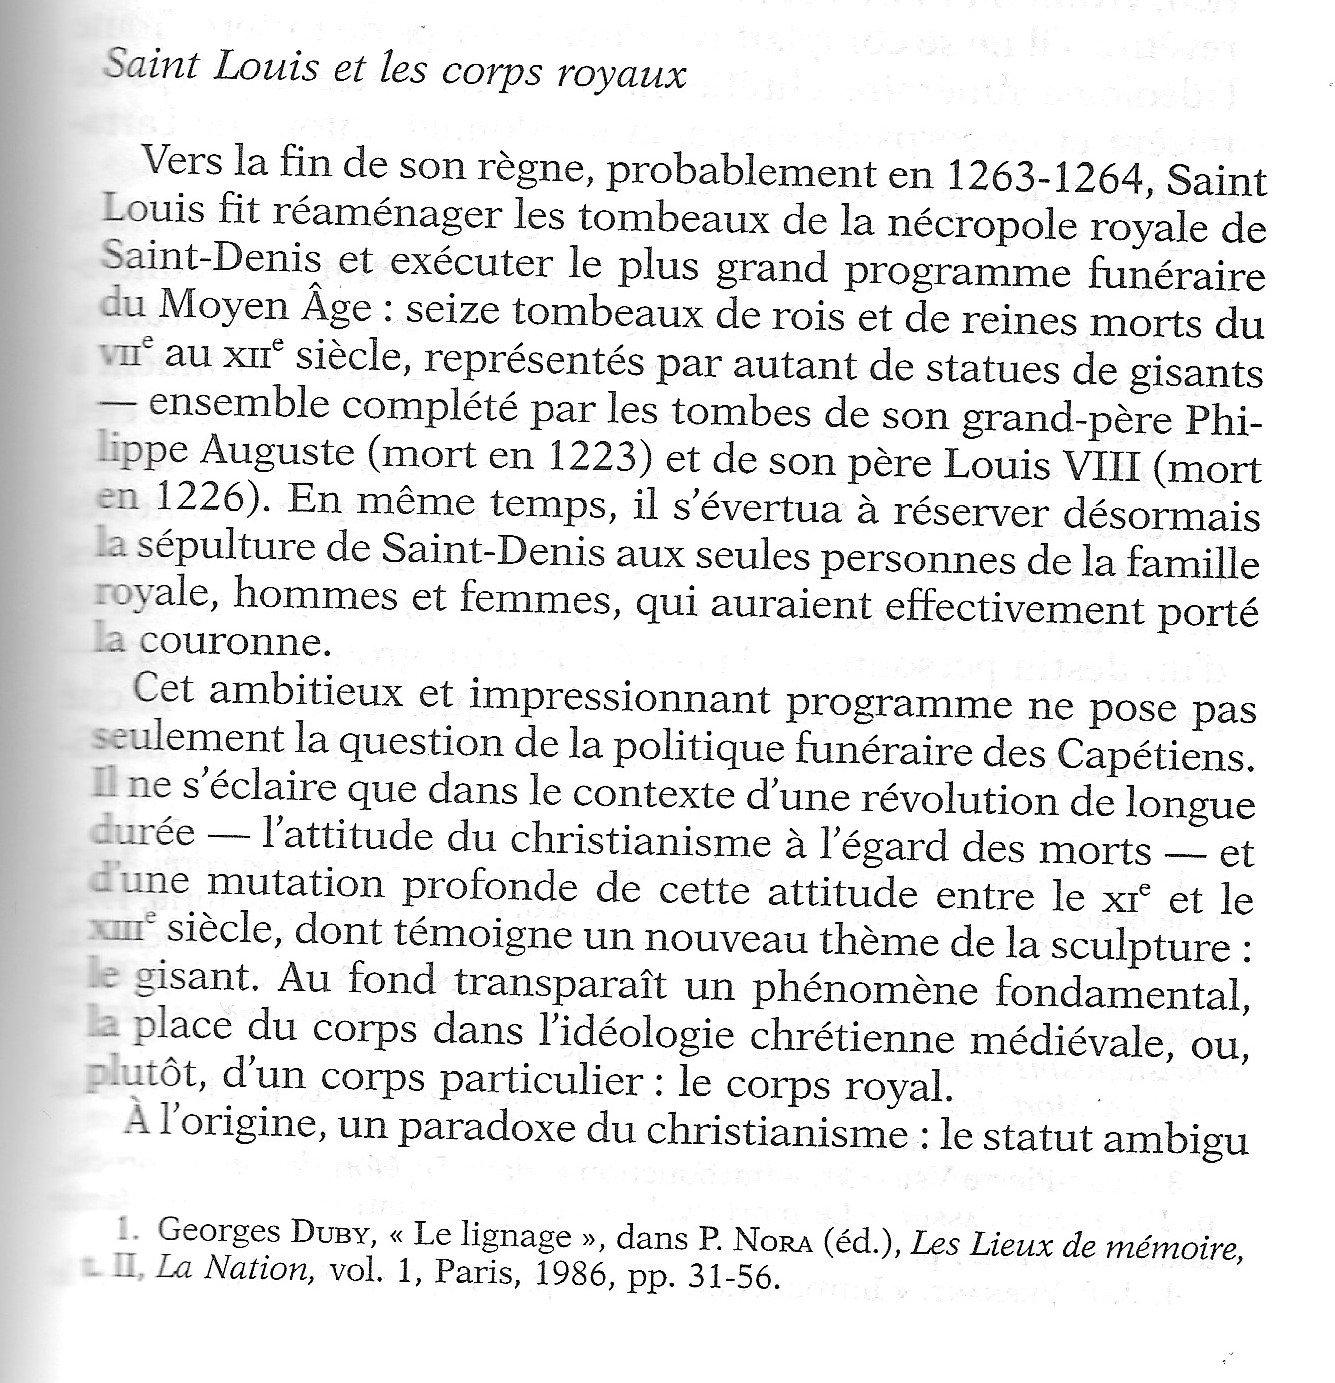 Louis IX (1)